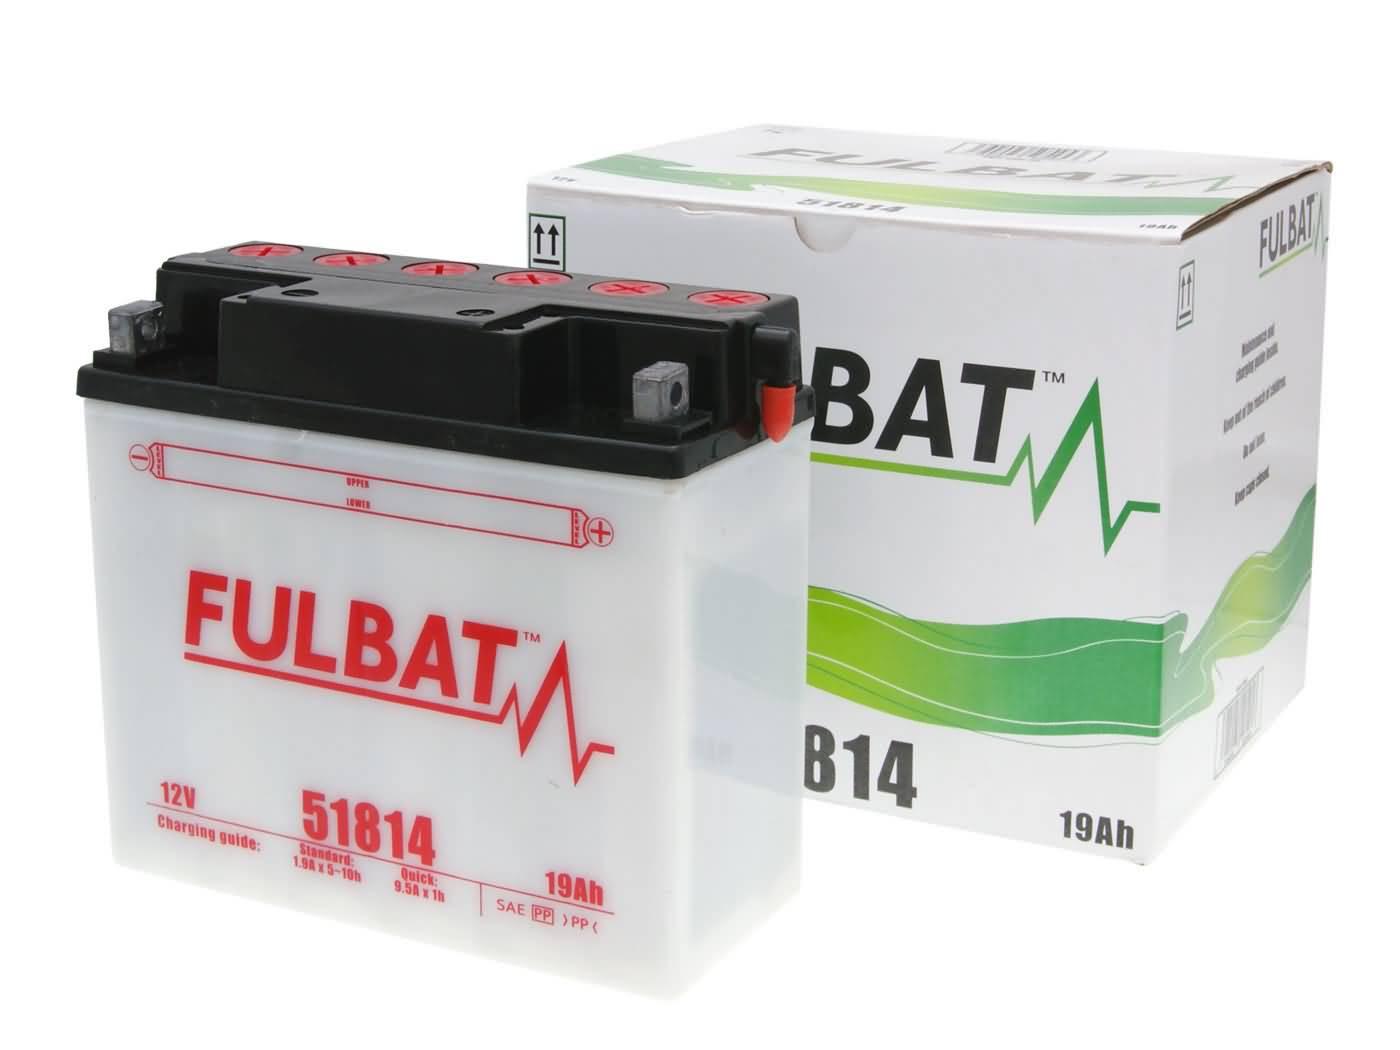 Fulbat 51814 DRY száraz akkumulátor + savcsomag